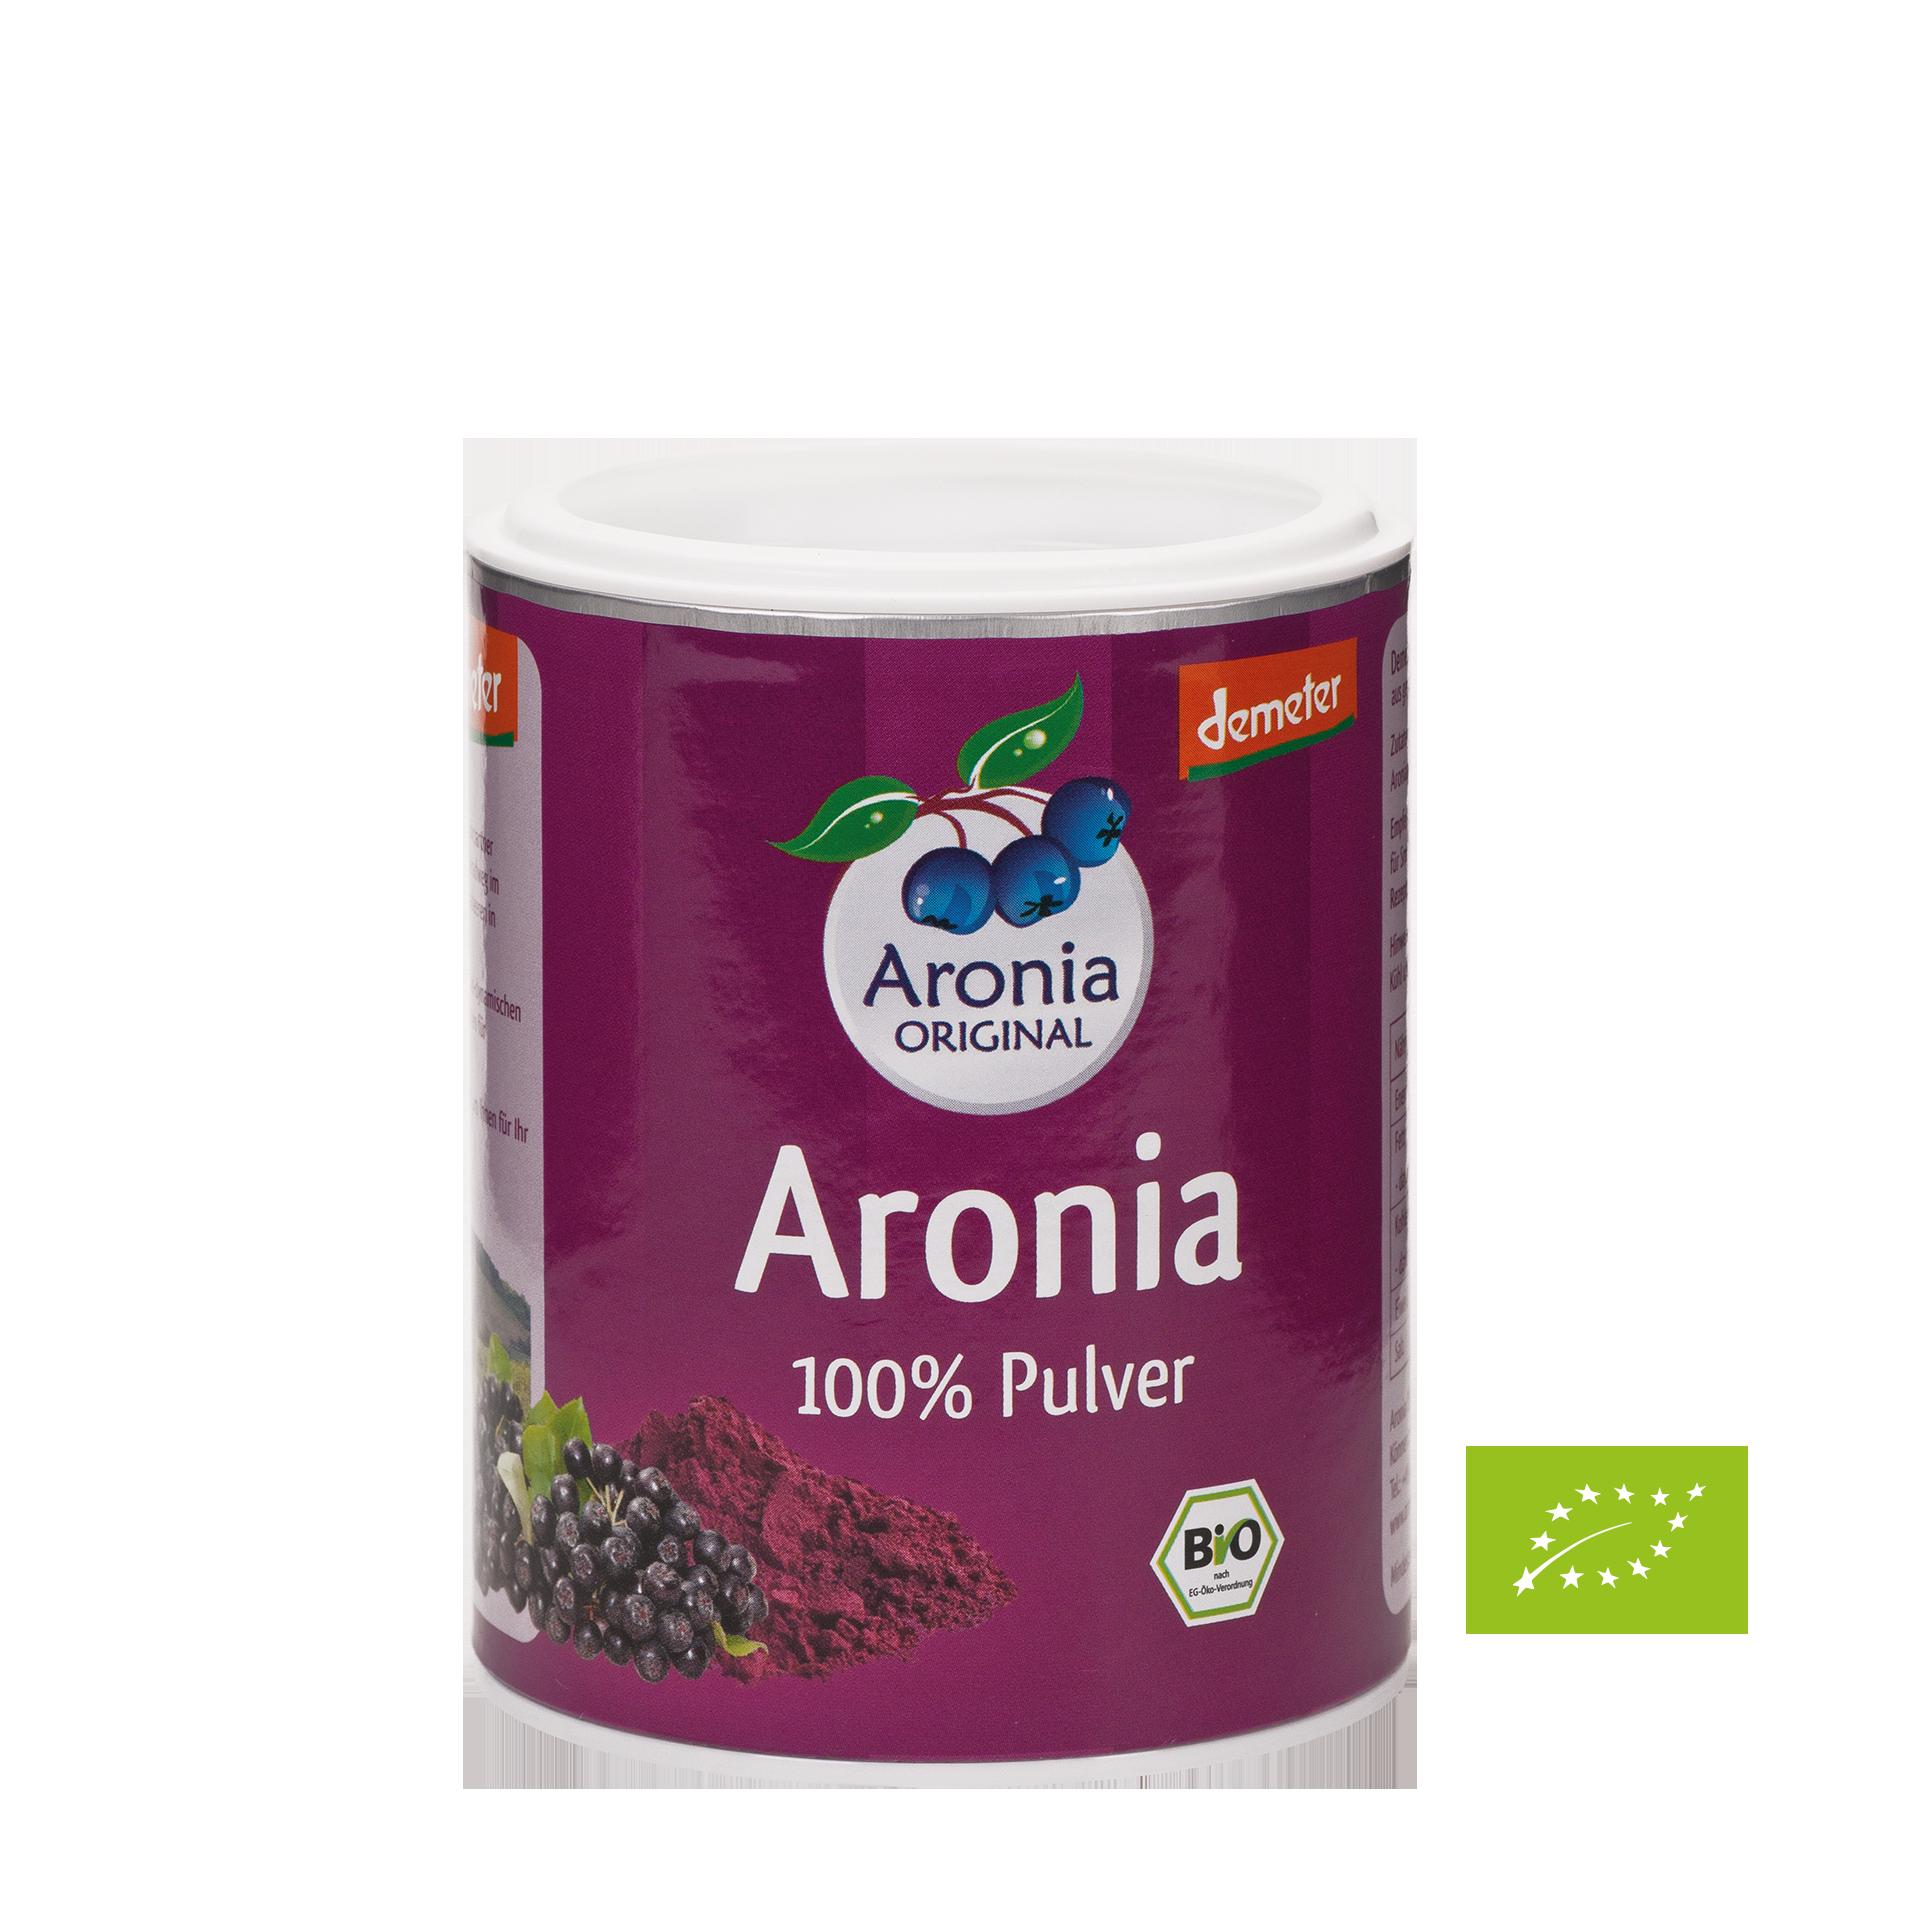 Aronia Pulver BIO, 100 g